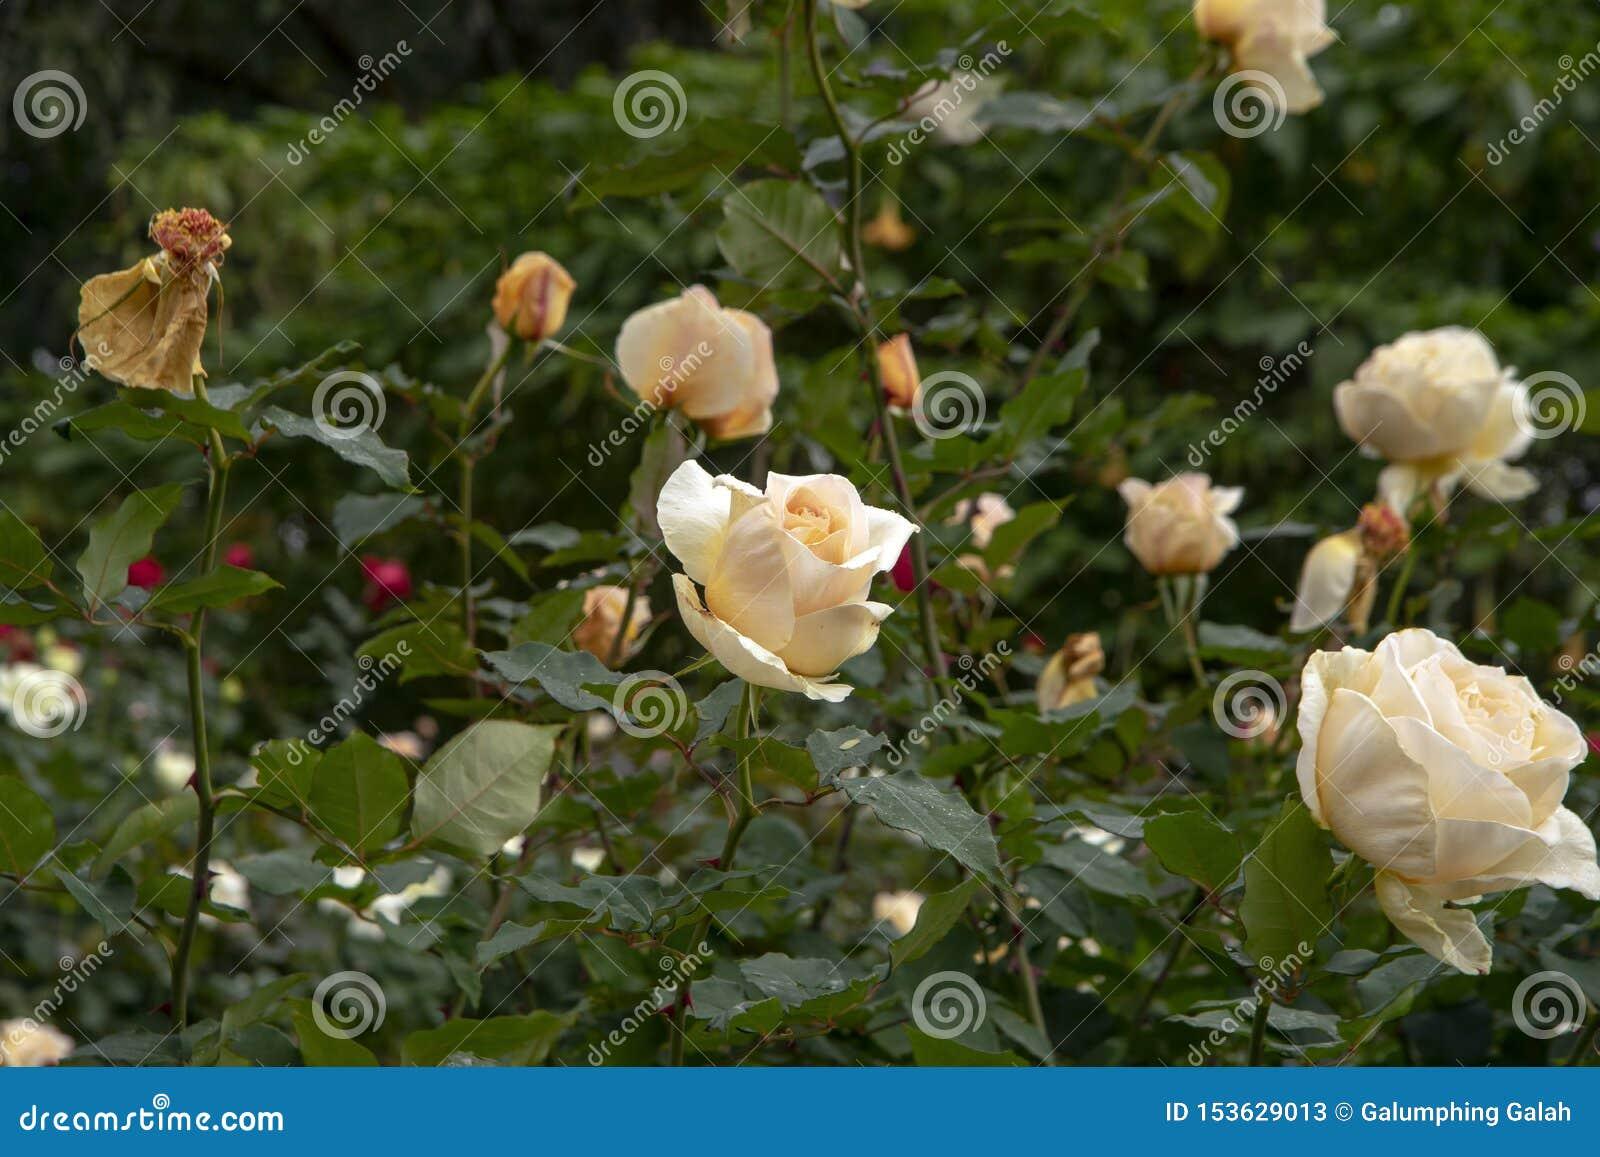 Rose fleurit - crémeux rougissez du bourgeon à la tête morte